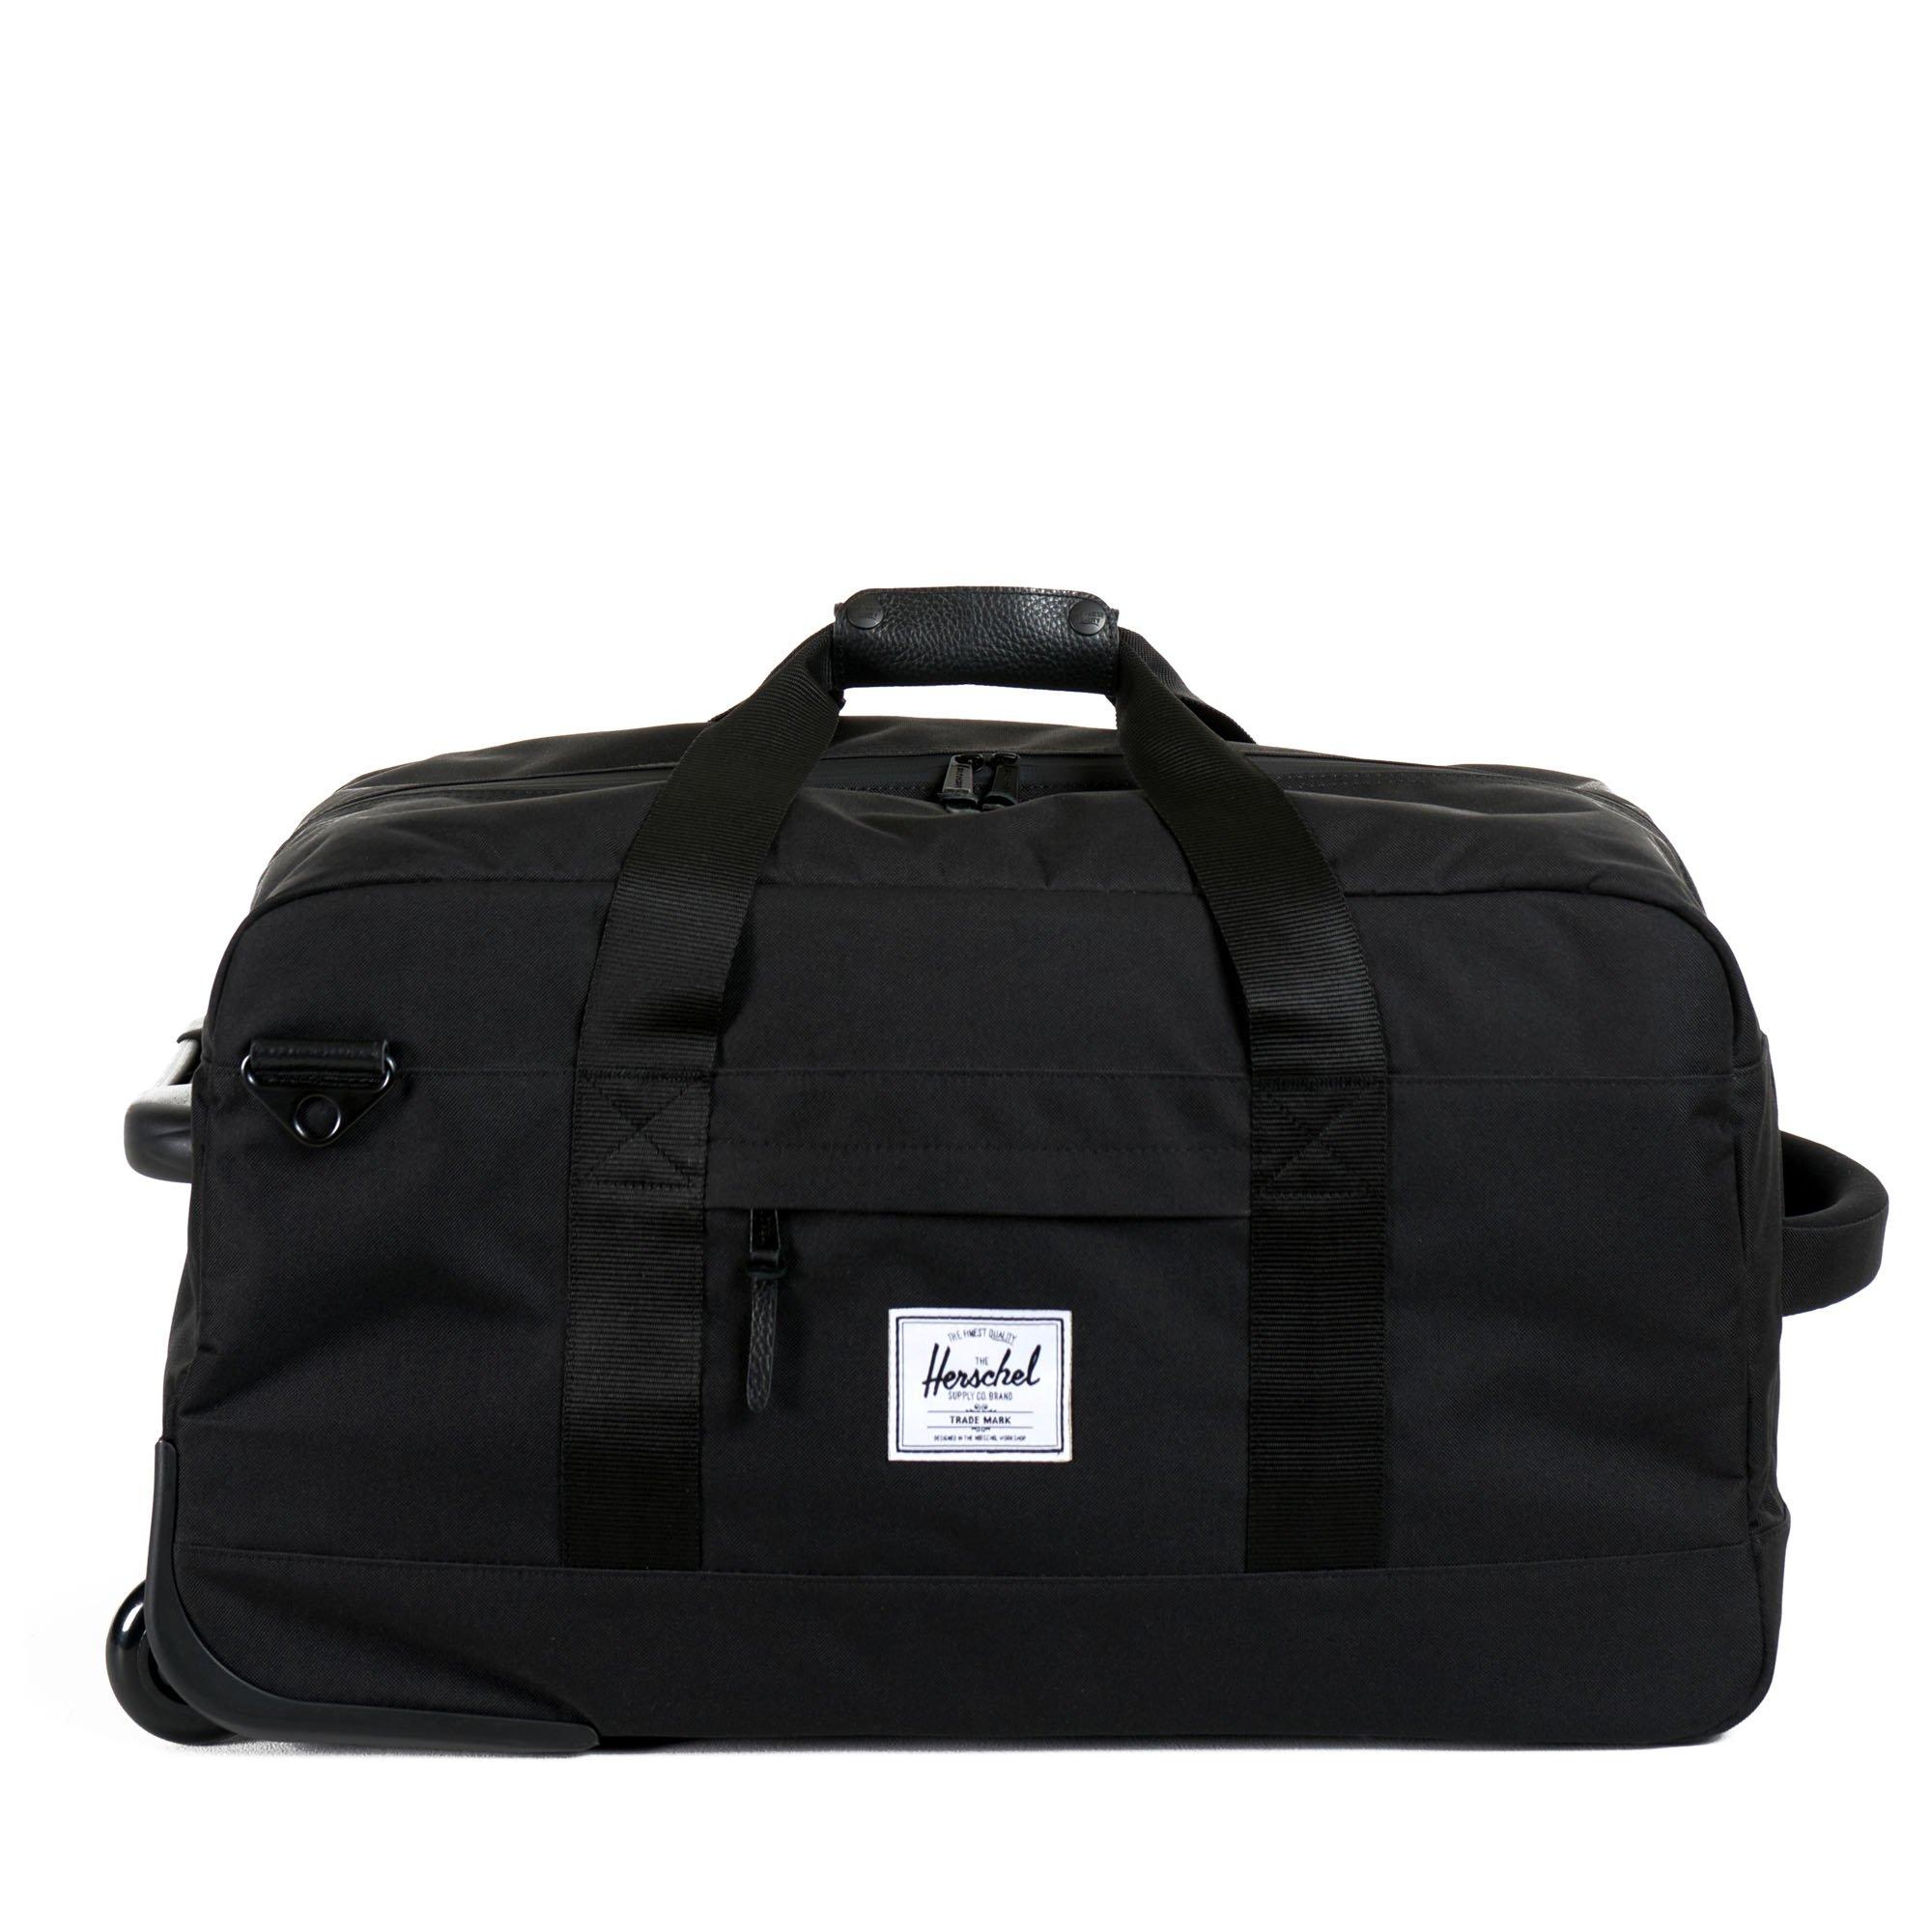 Herschel Supply Co. Wheelie Outfitter, Black, One Size by Herschel Supply Co.